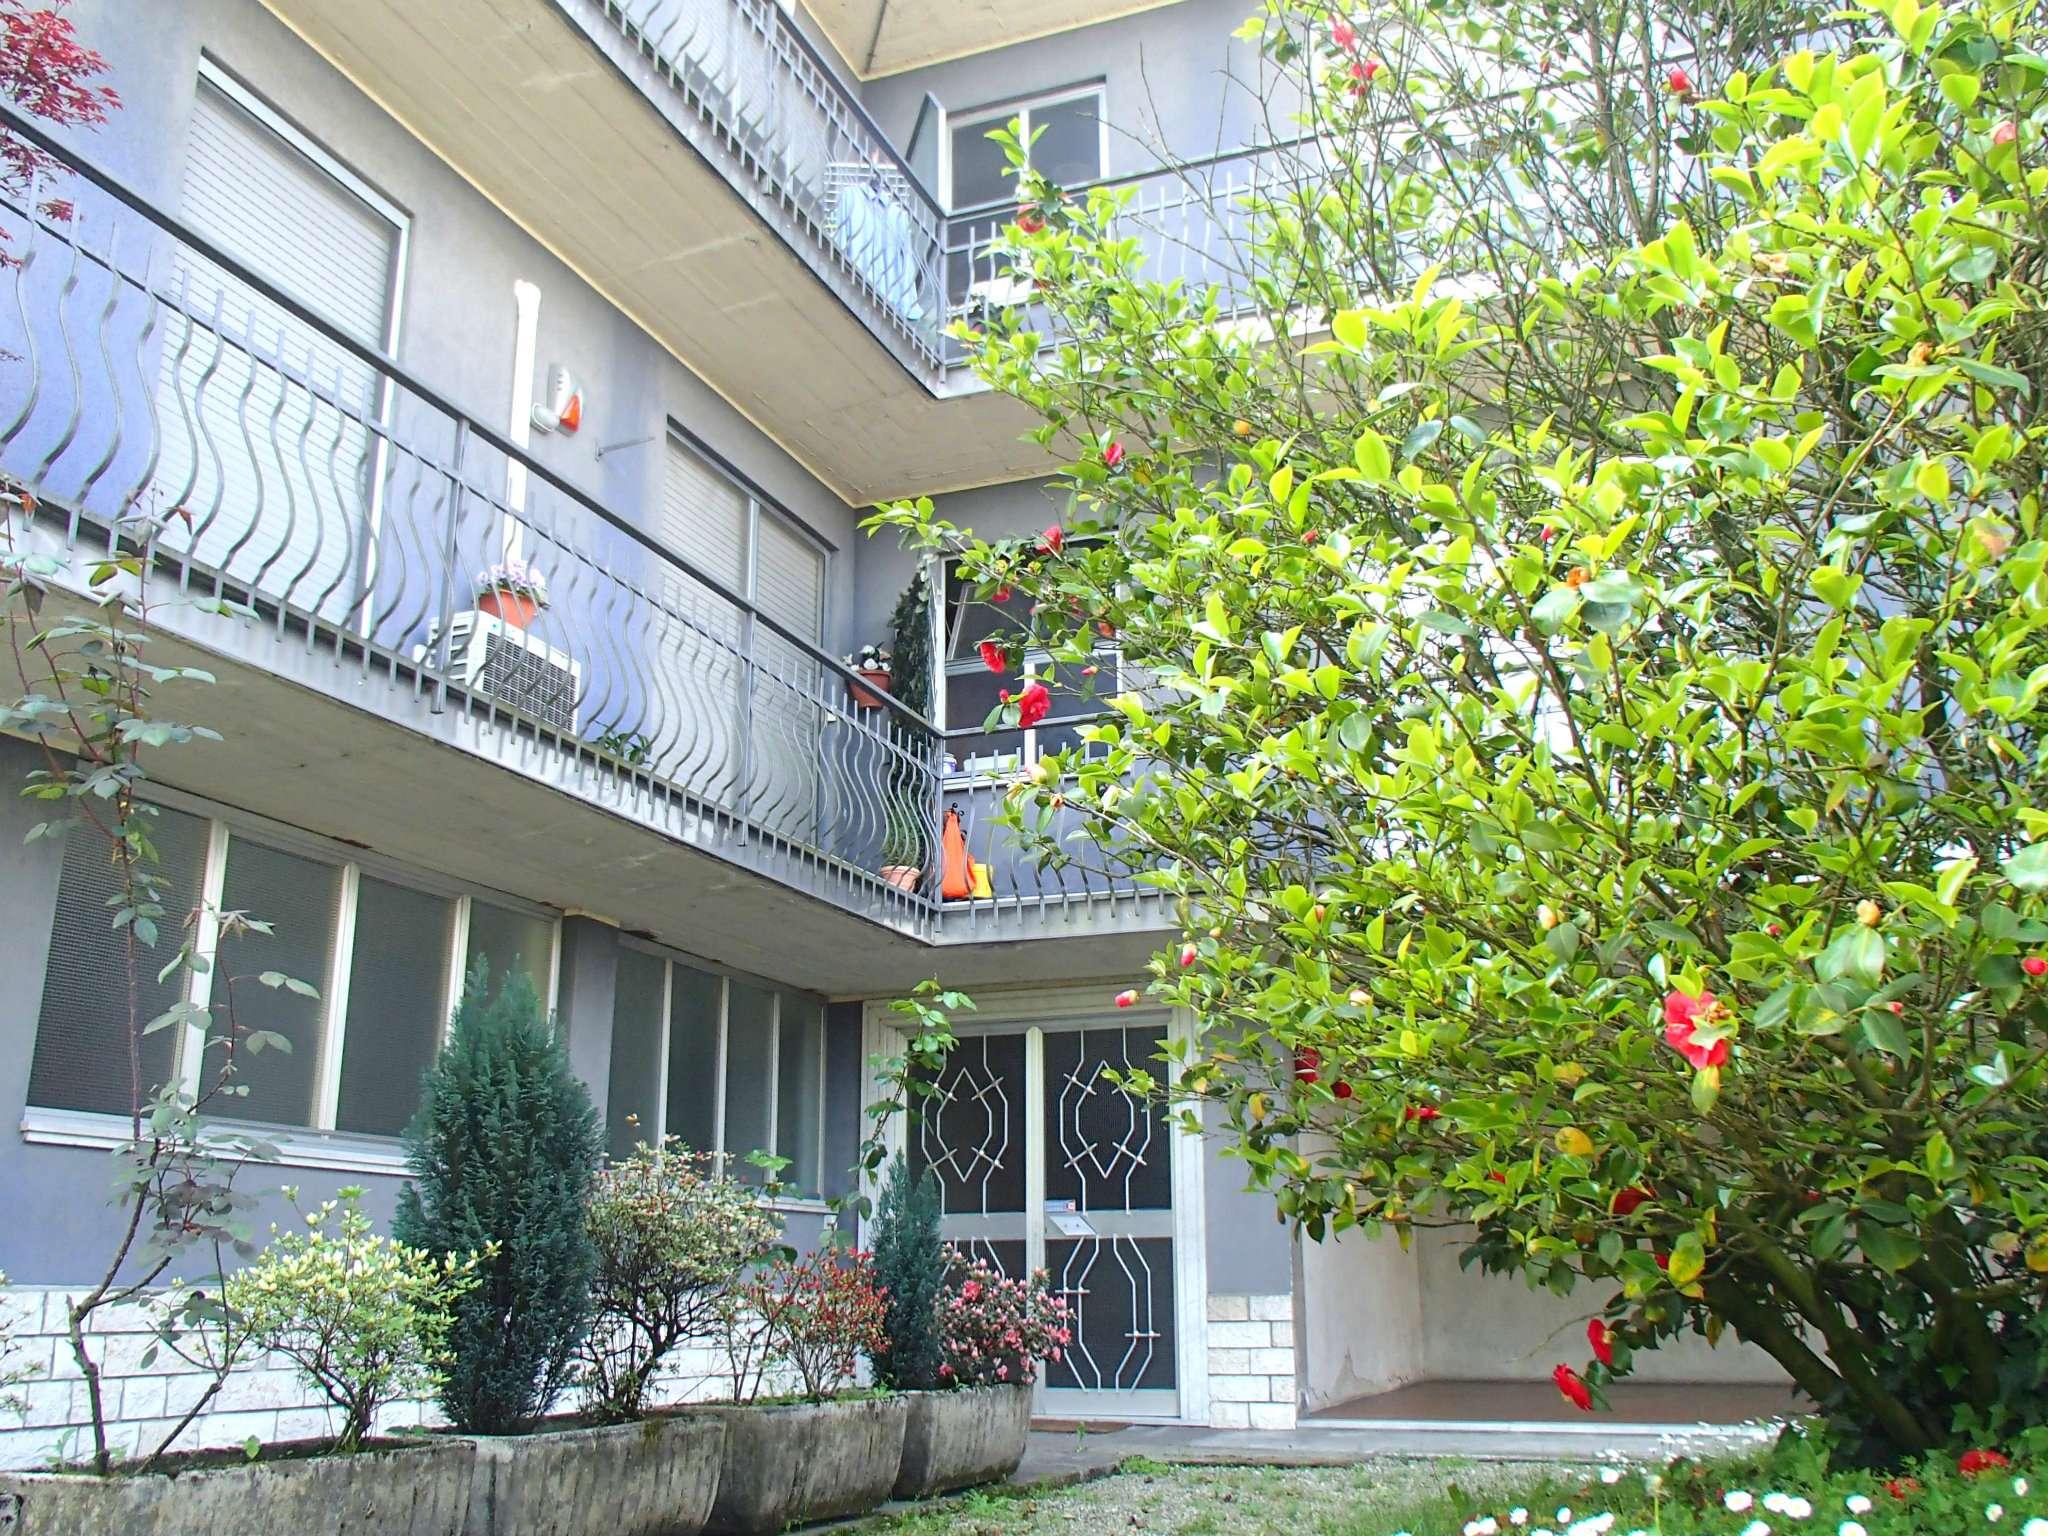 Appartamento in vendita a Landriano, 3 locali, prezzo € 120.000 | CambioCasa.it